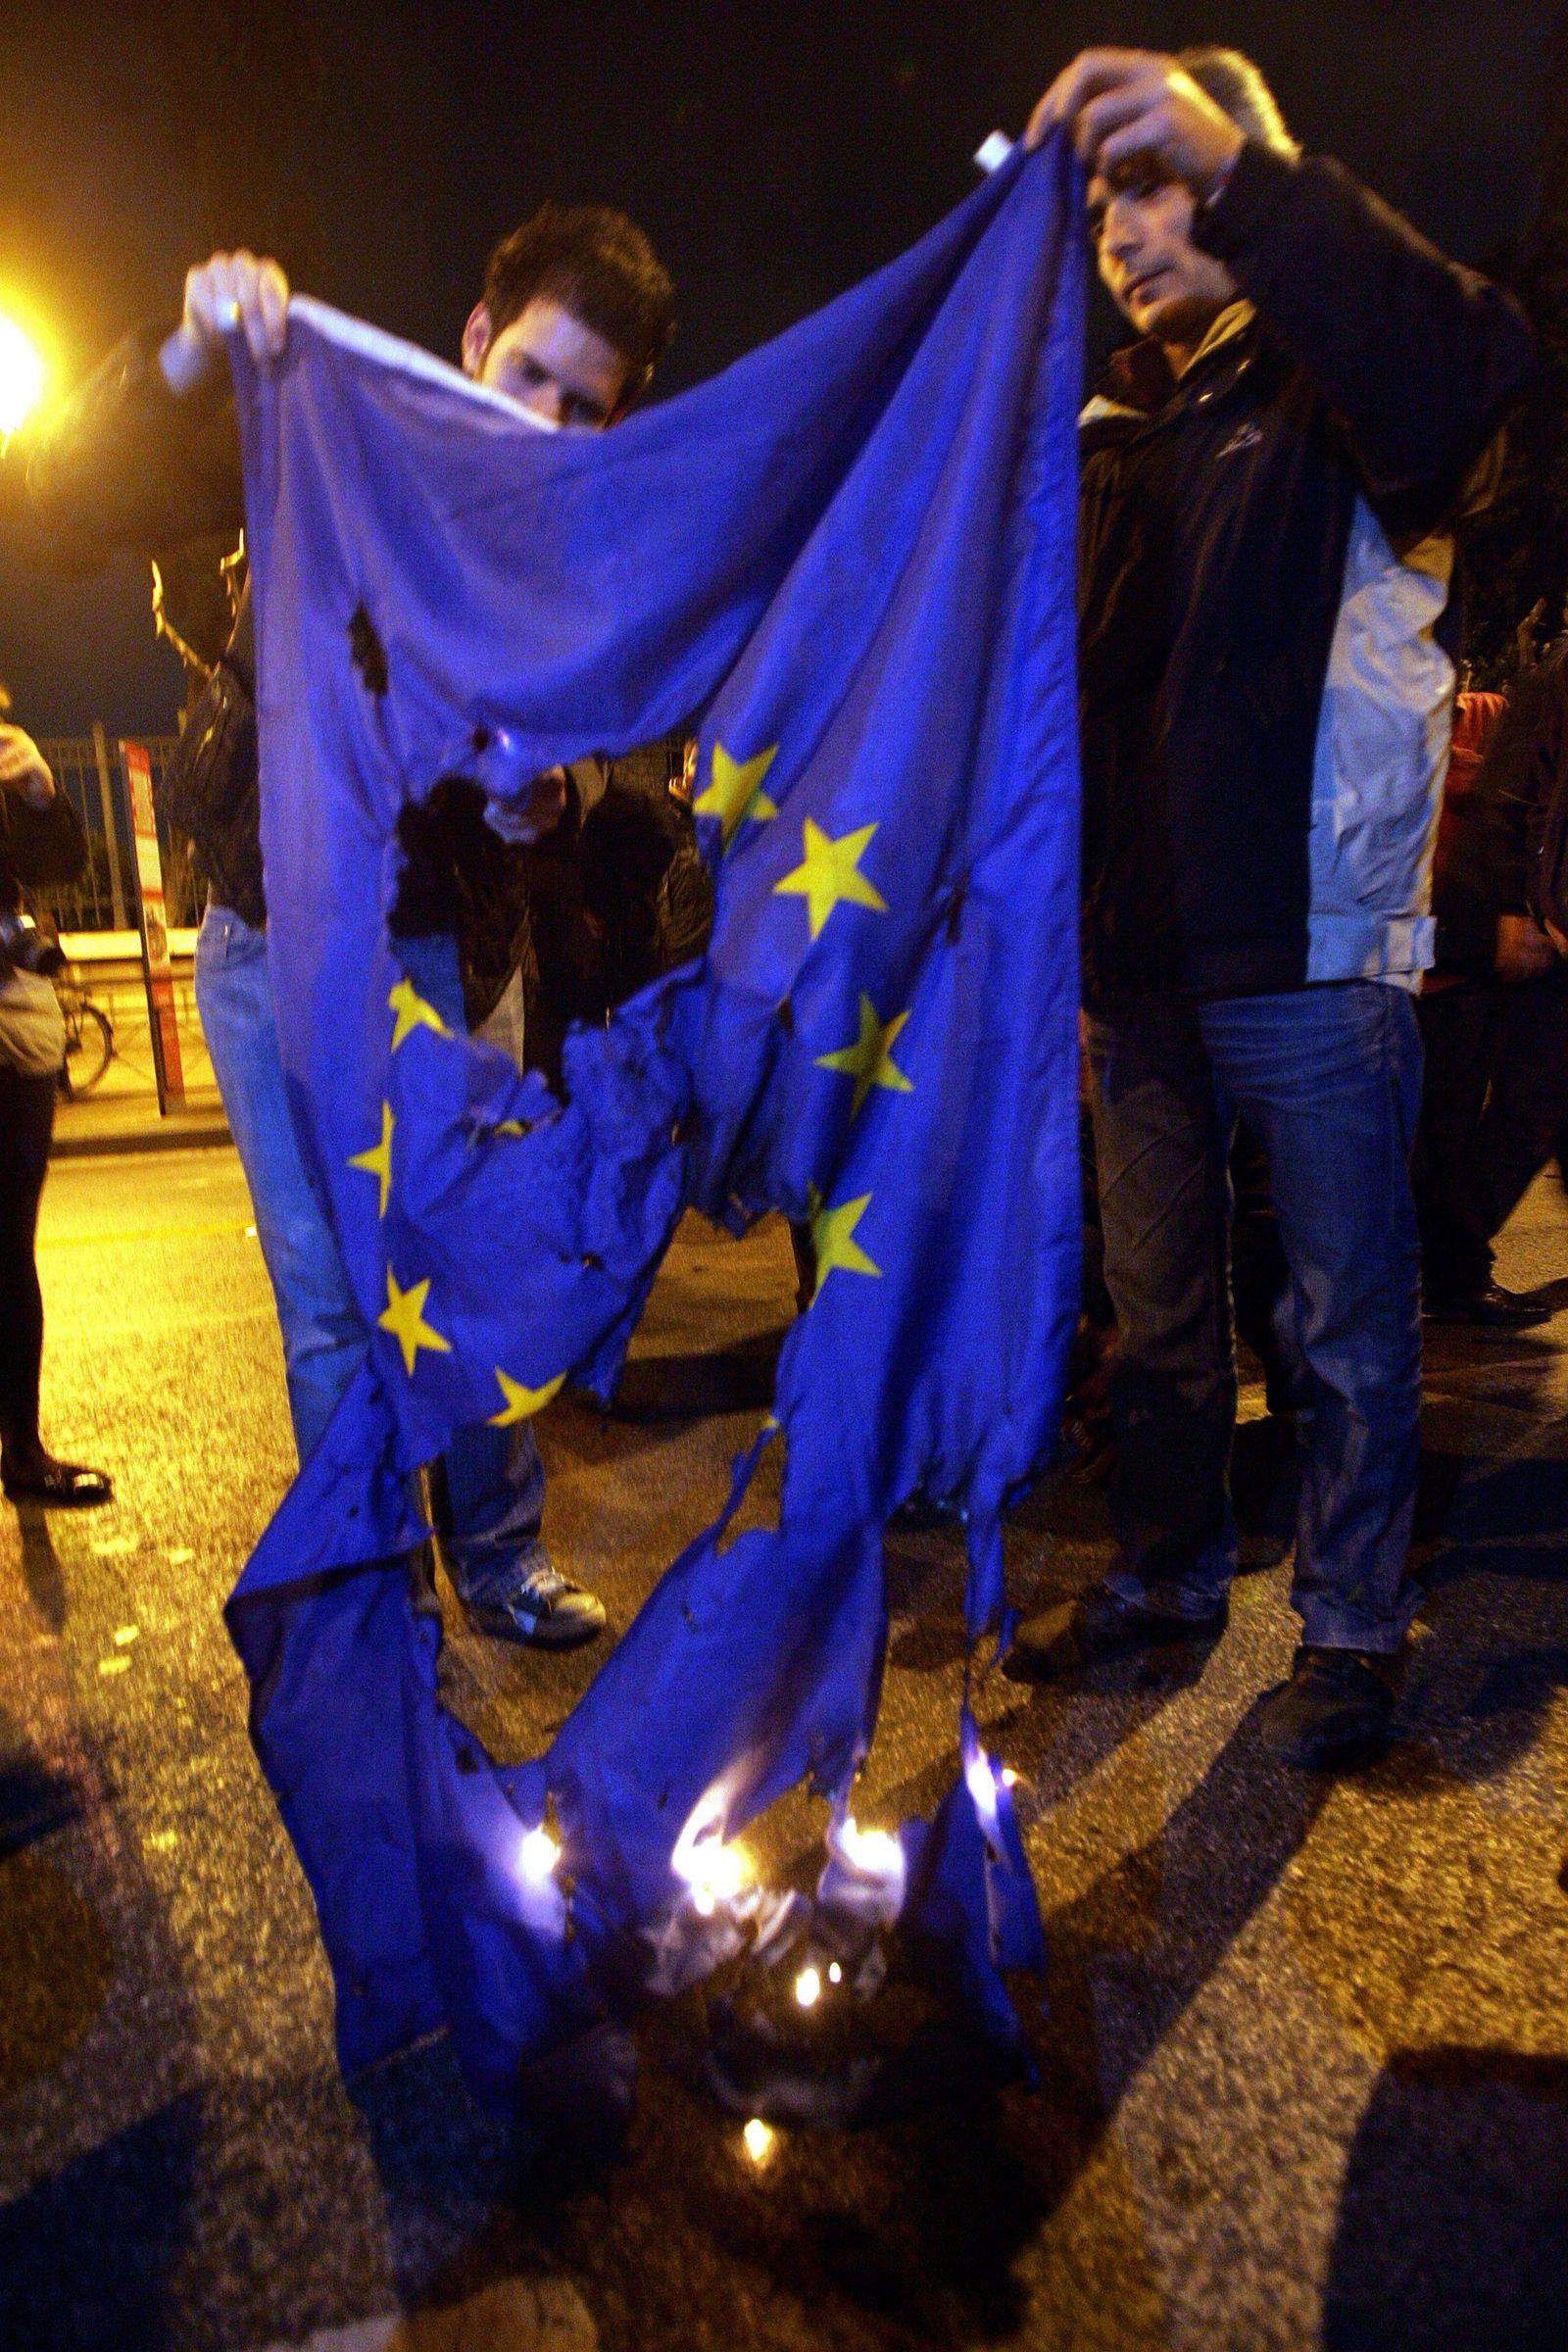 Proteste gegen Sparprogramm in Griechenland dauern an